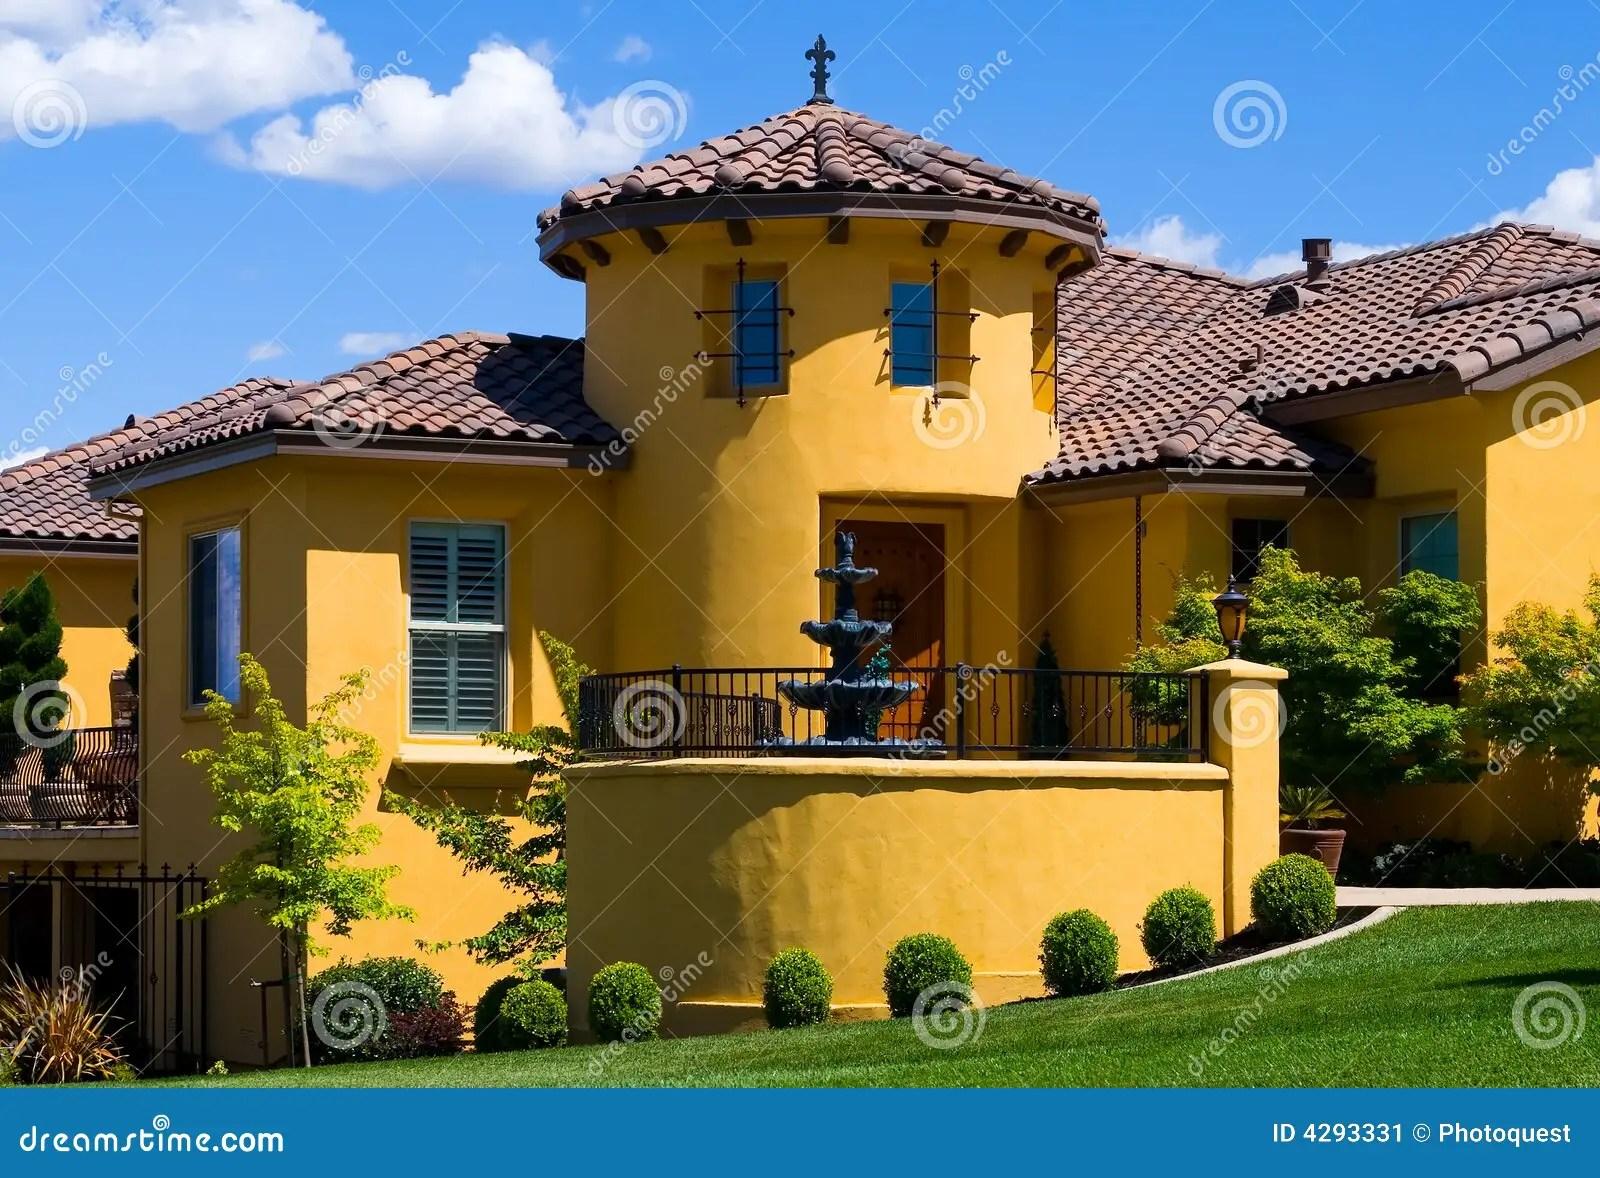 Beautiful Yellow Villa Stock Image  Image 4293331